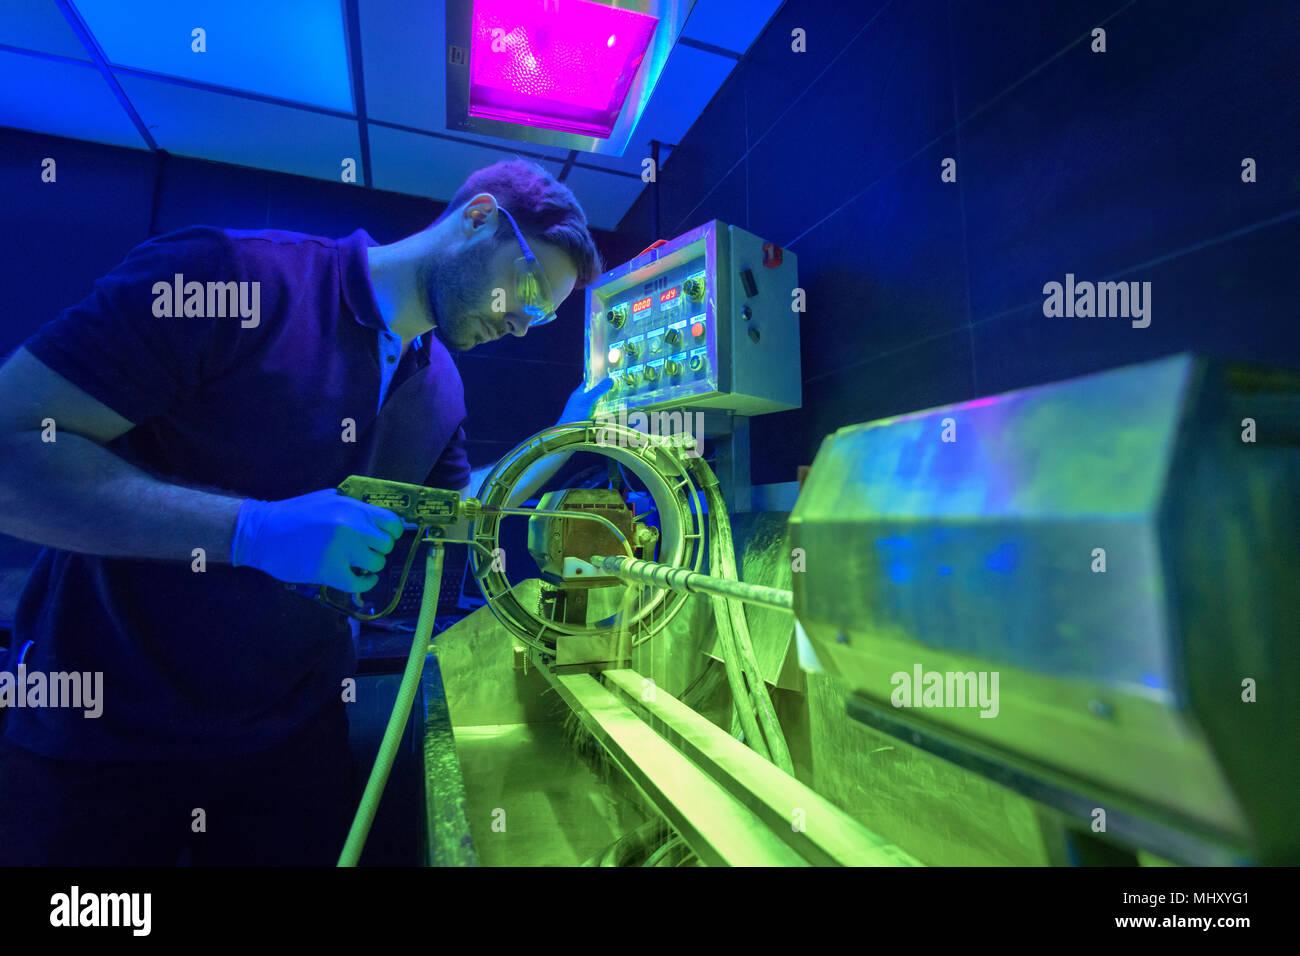 À l'aide de travailleurs de lumière ultra-violette pour détecter les fissures dans l'usine de galvanoplastie Photo Stock